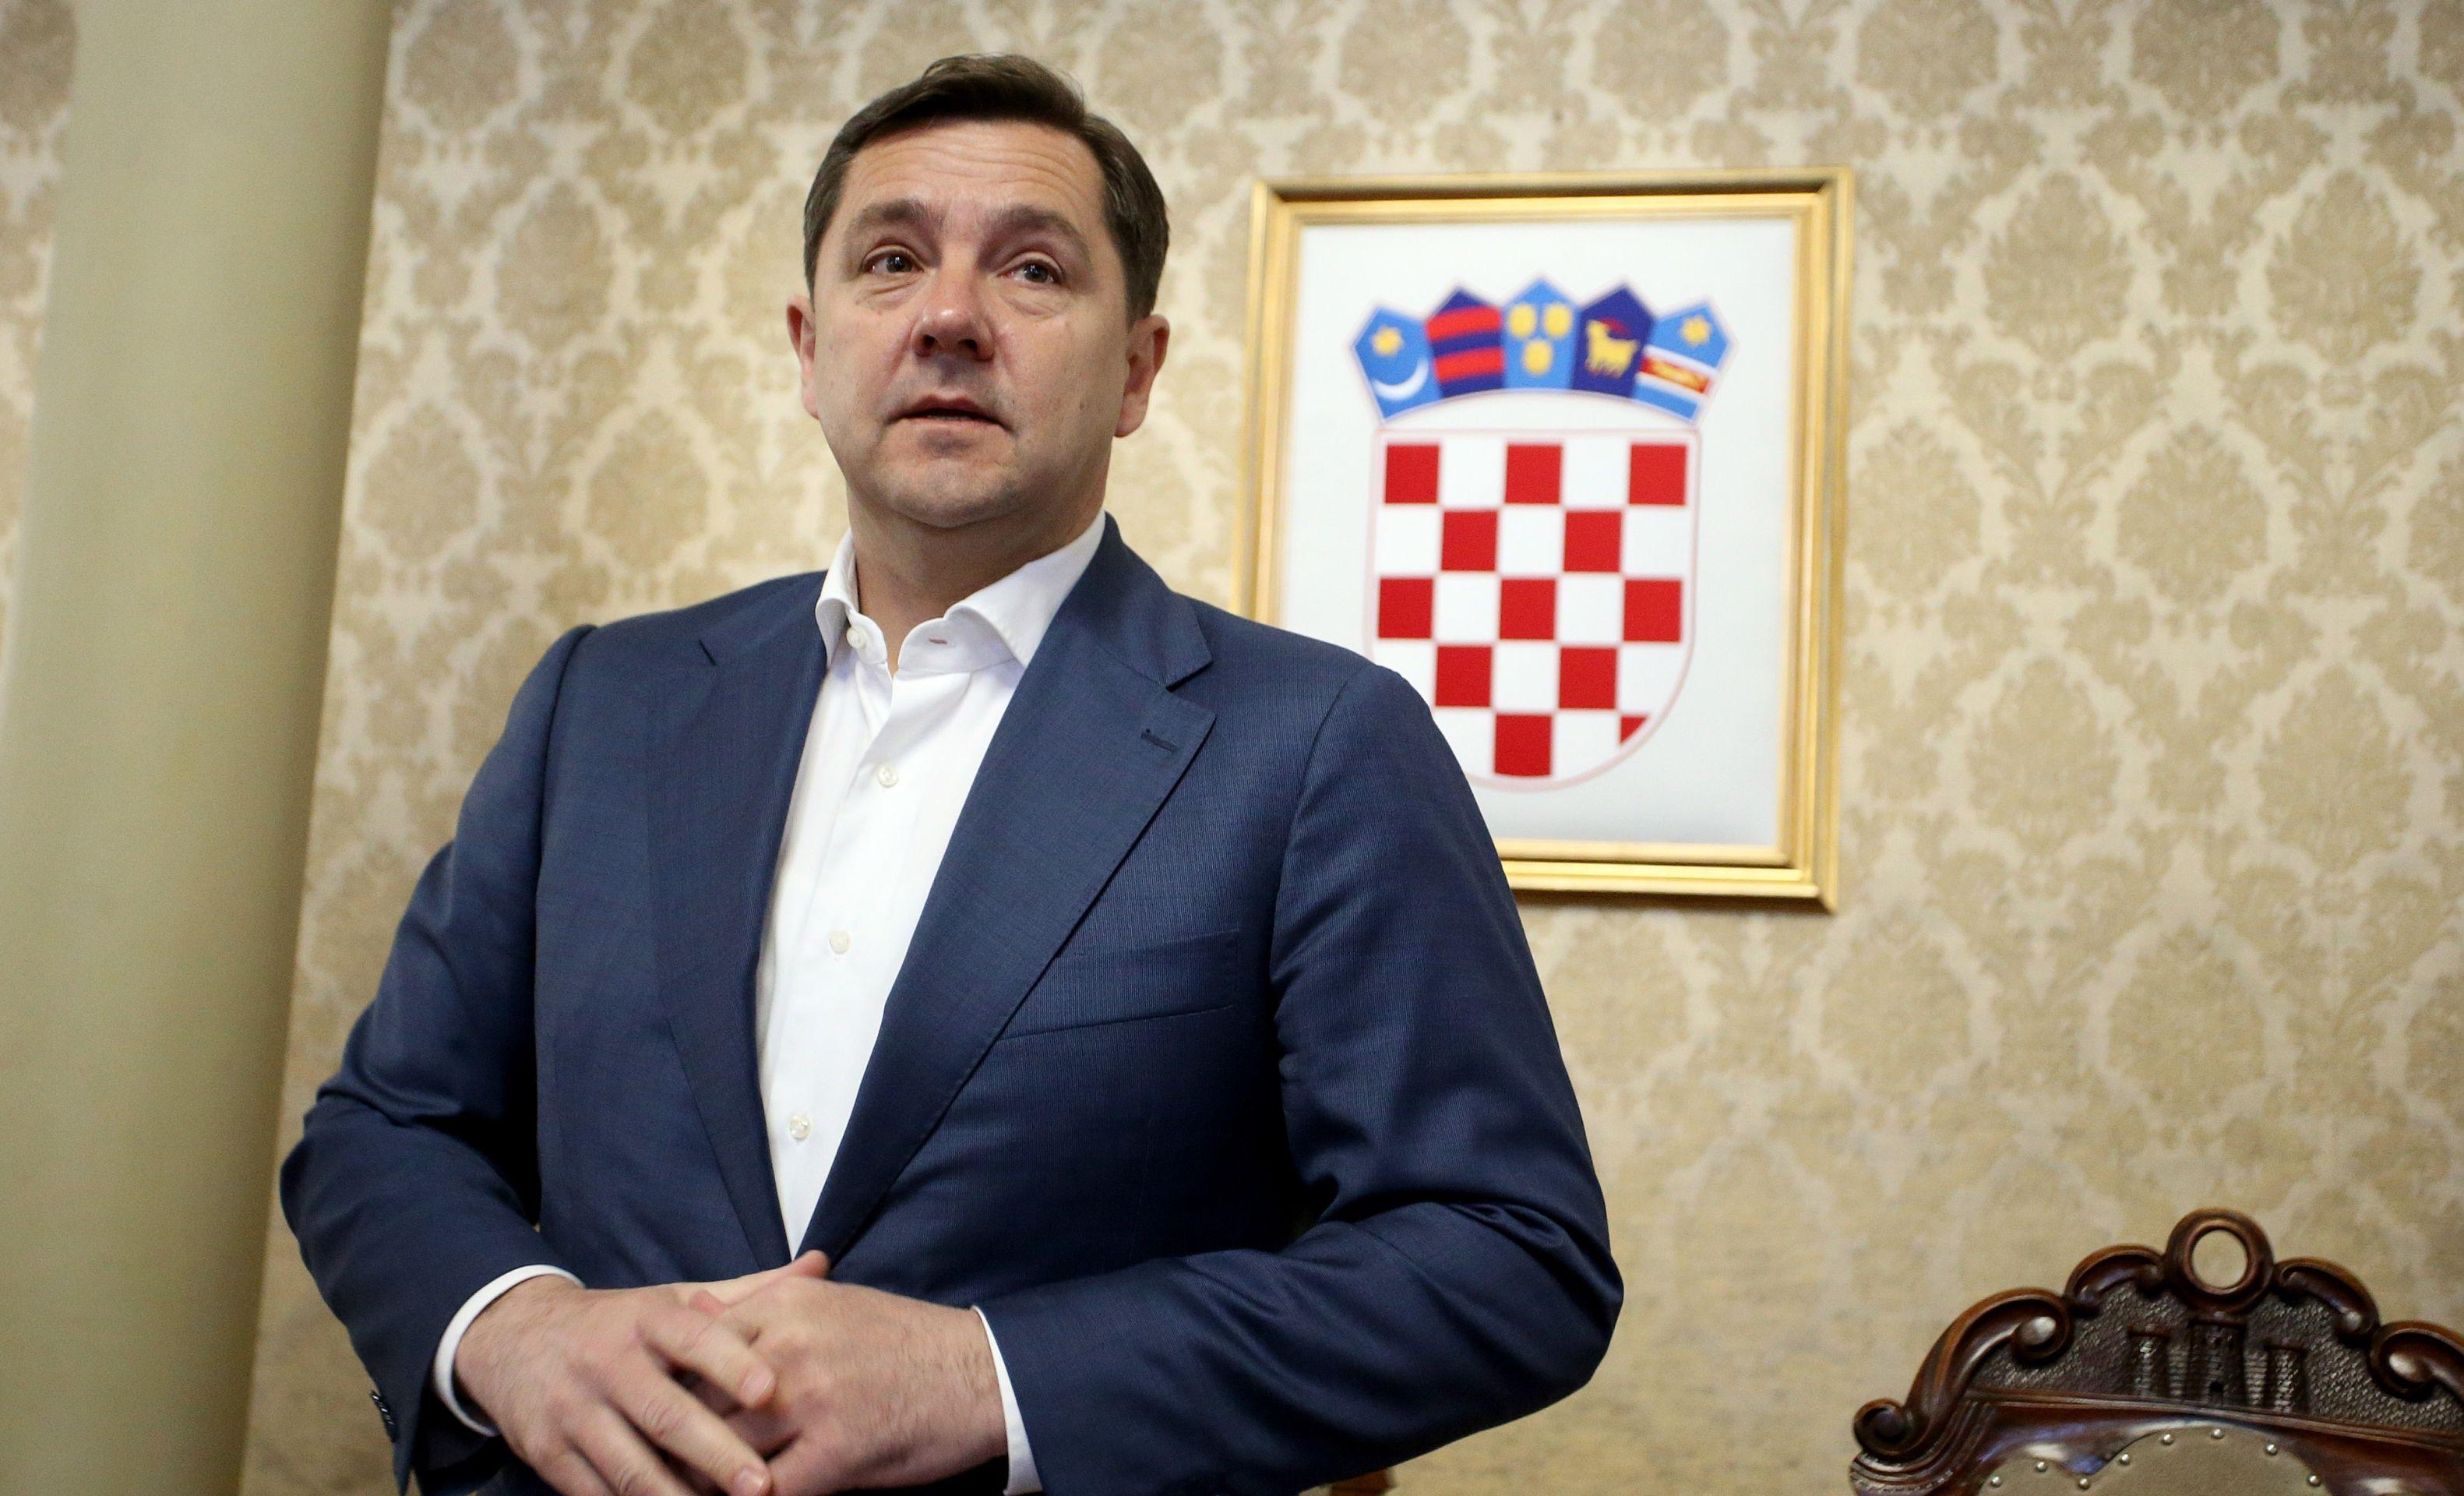 ANDRIJA MIKULIĆ O PROŠIRENJU NAPLATE PARKIRANJA 'Nije dobro da nešto poskupljuje'